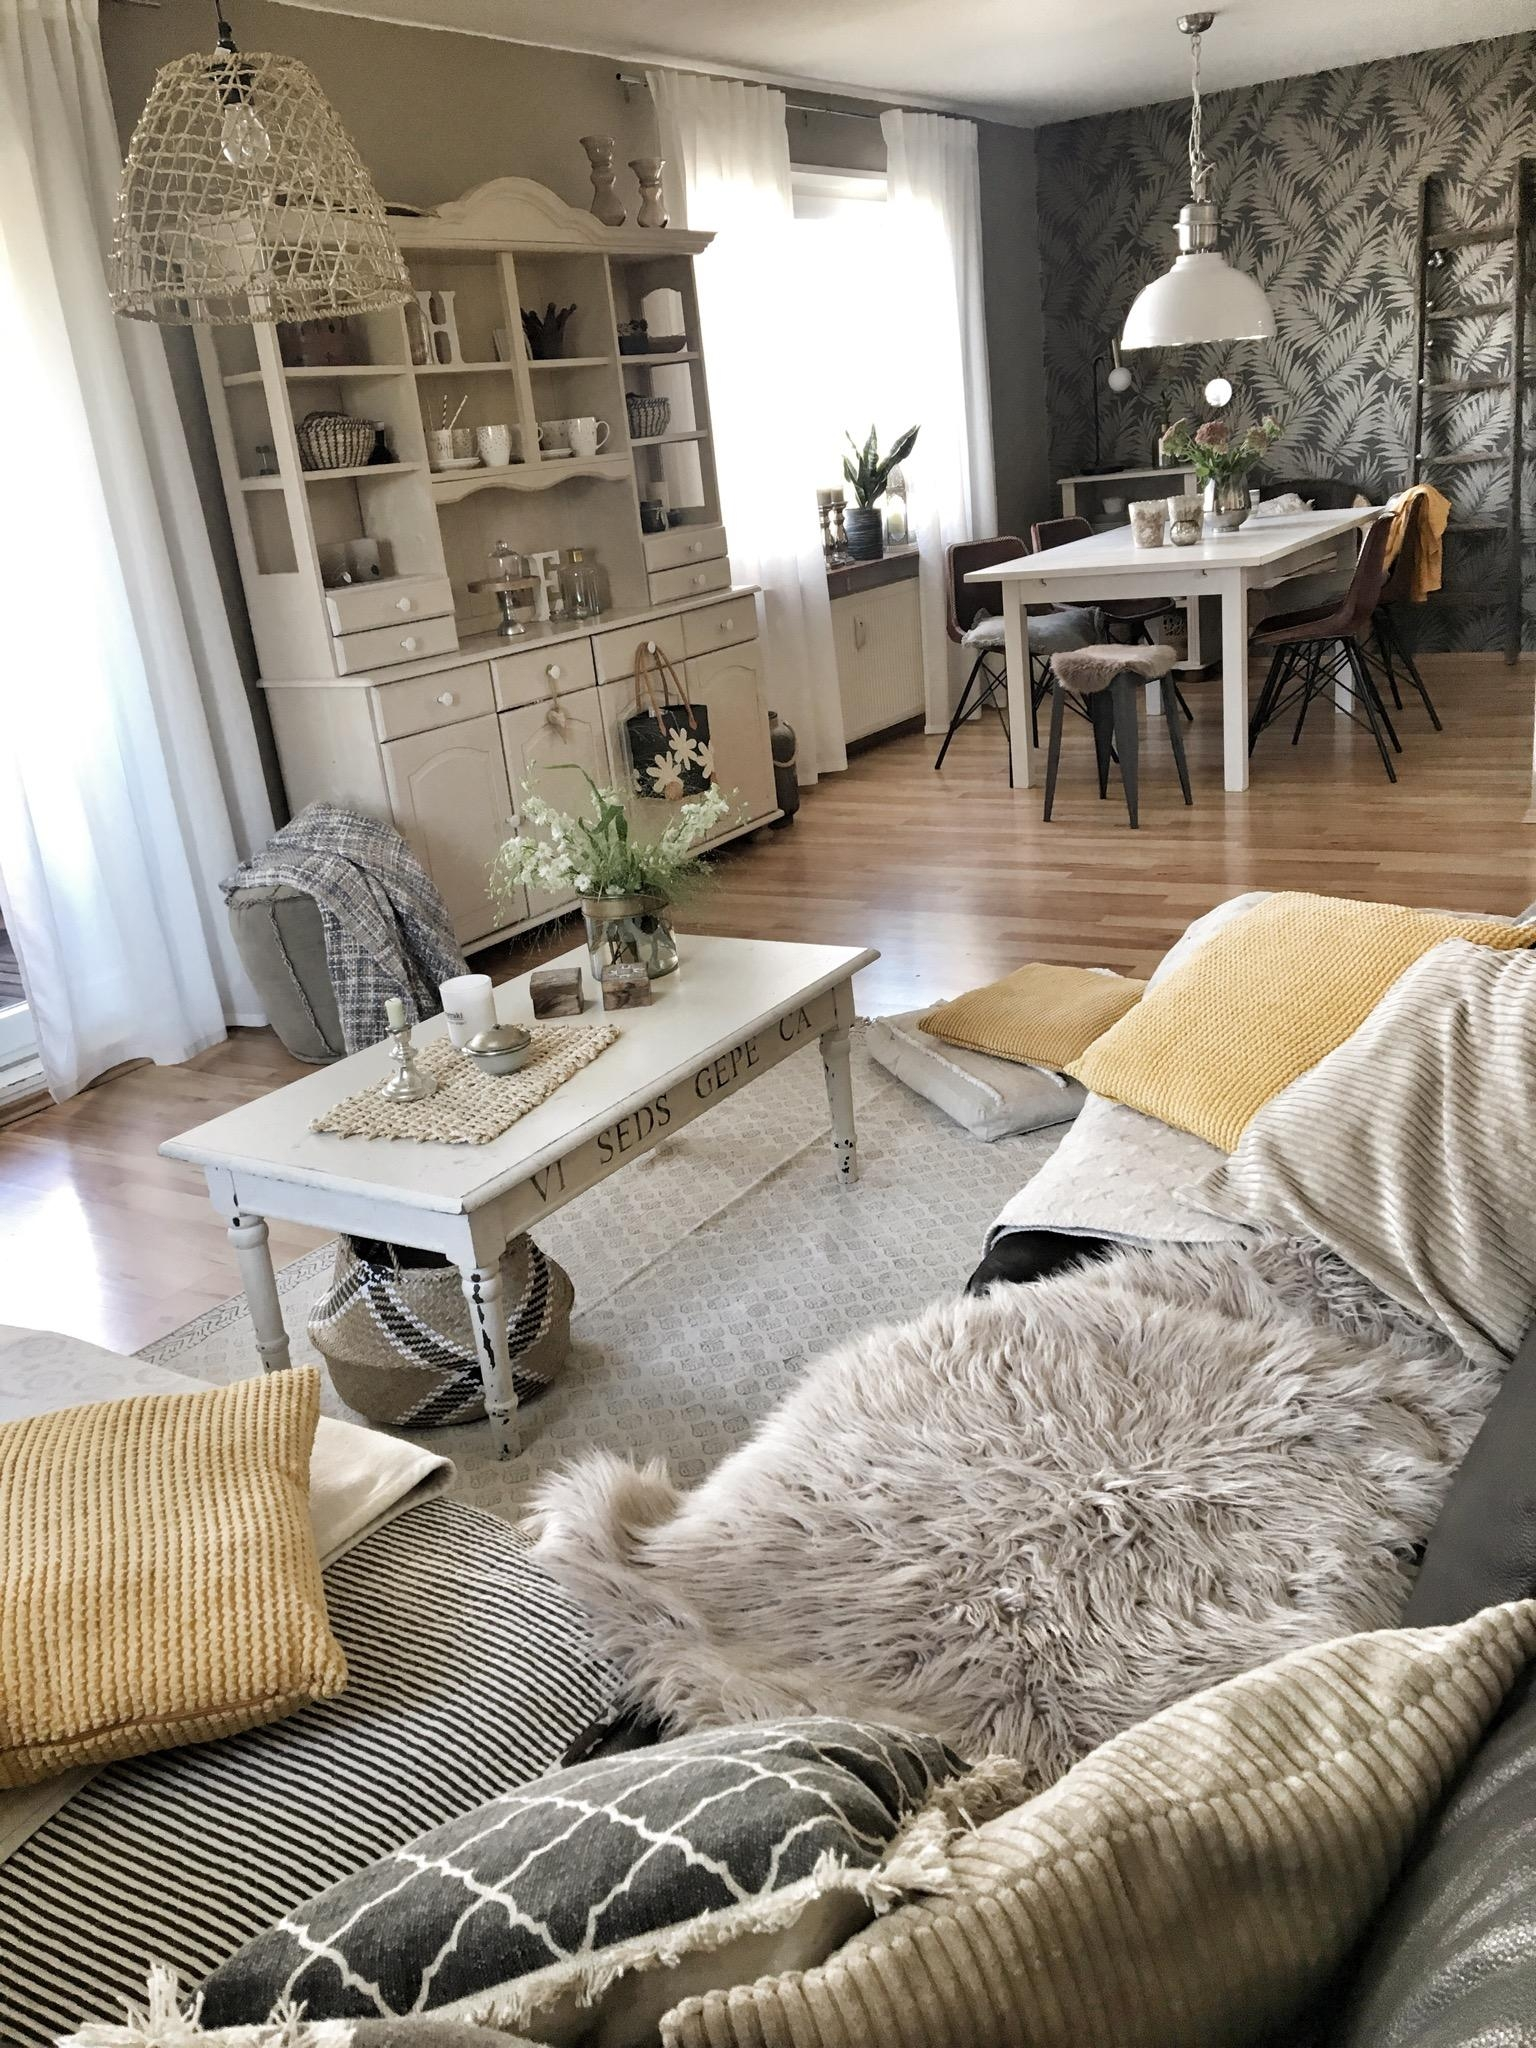 Senfgelb Liebe #Wohnzimmer#livingroom#interior_and_living#pocketofmyhome#Lieblingsplatz  #schönerwohnen#myhome